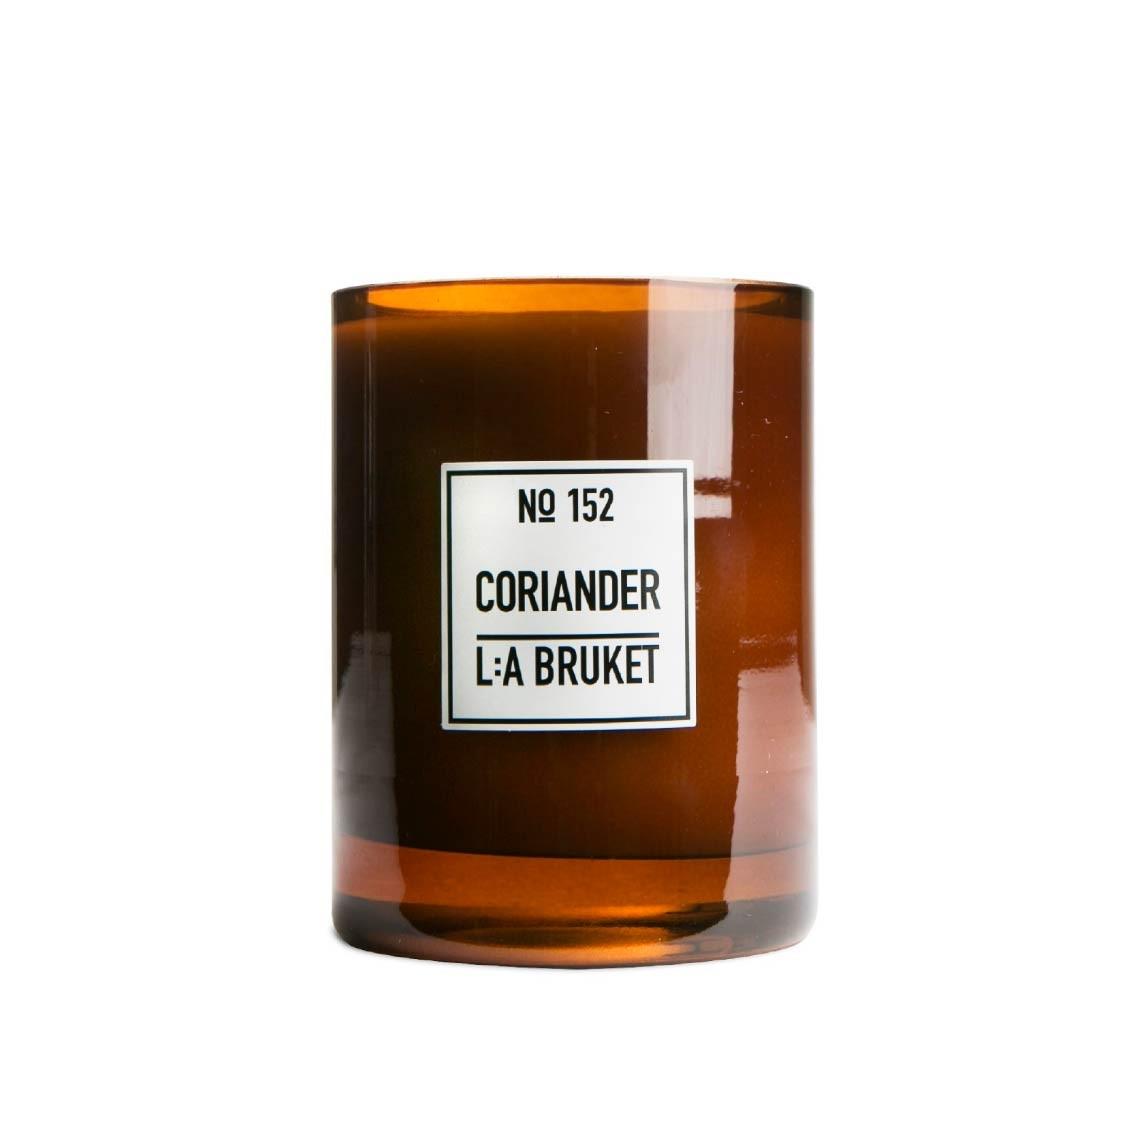 L:A BRUKET 152 芫荽葉香氛蠟燭 260g